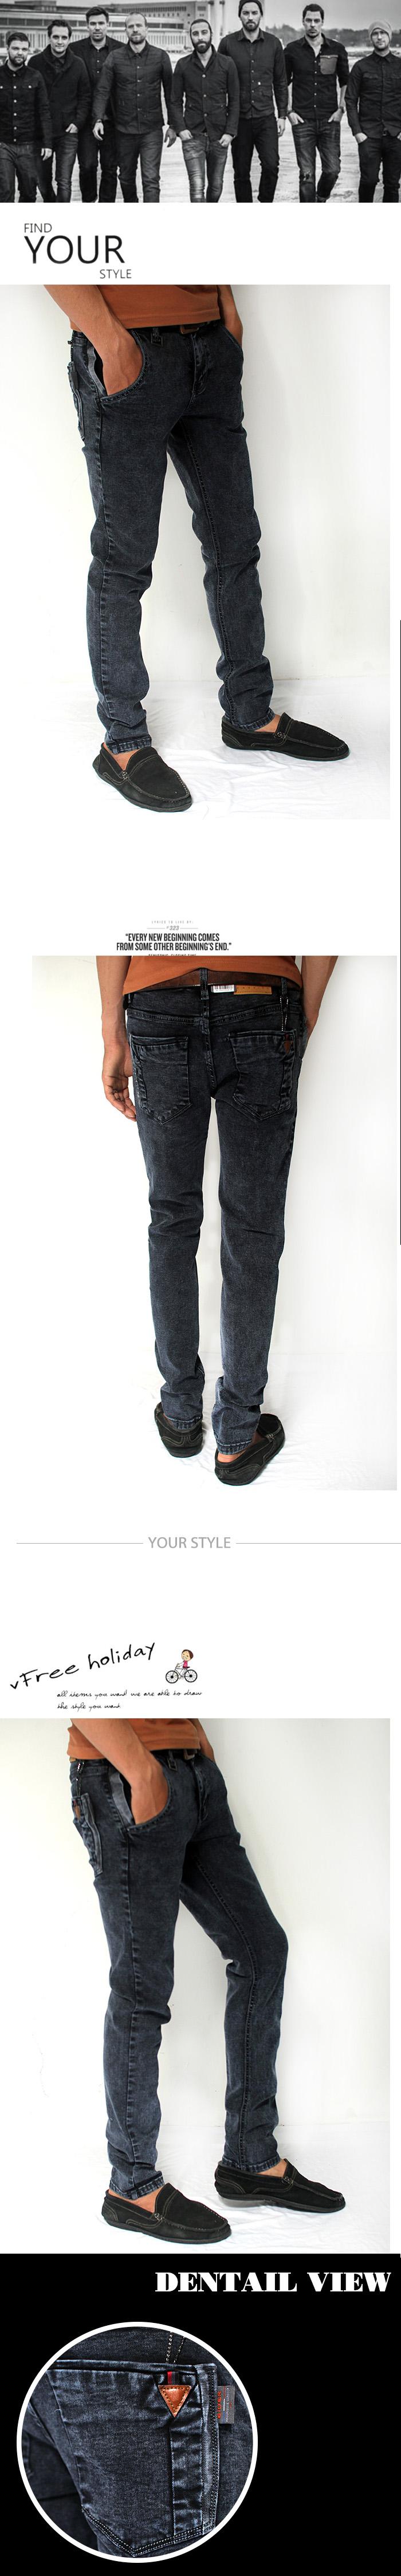 Quần jean xanh đen qj1161 - 1